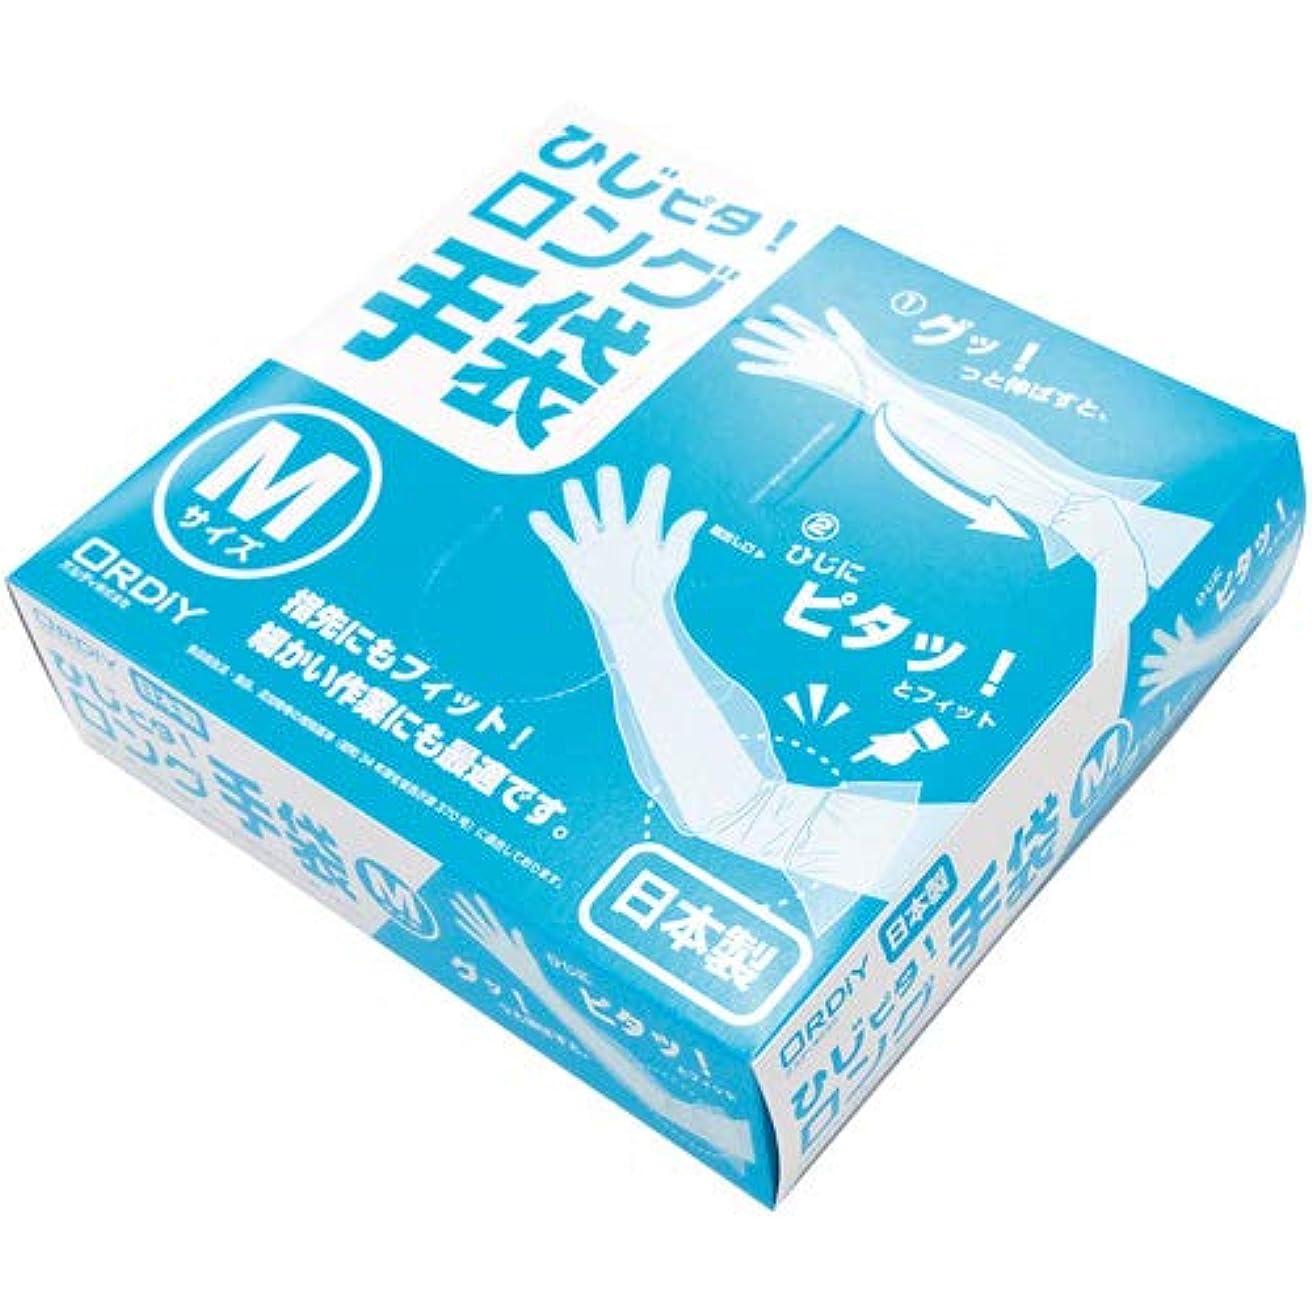 トークン侵入啓発するオルディ ひじピタロング手袋 M HLT-NM-100 1箱(100枚)